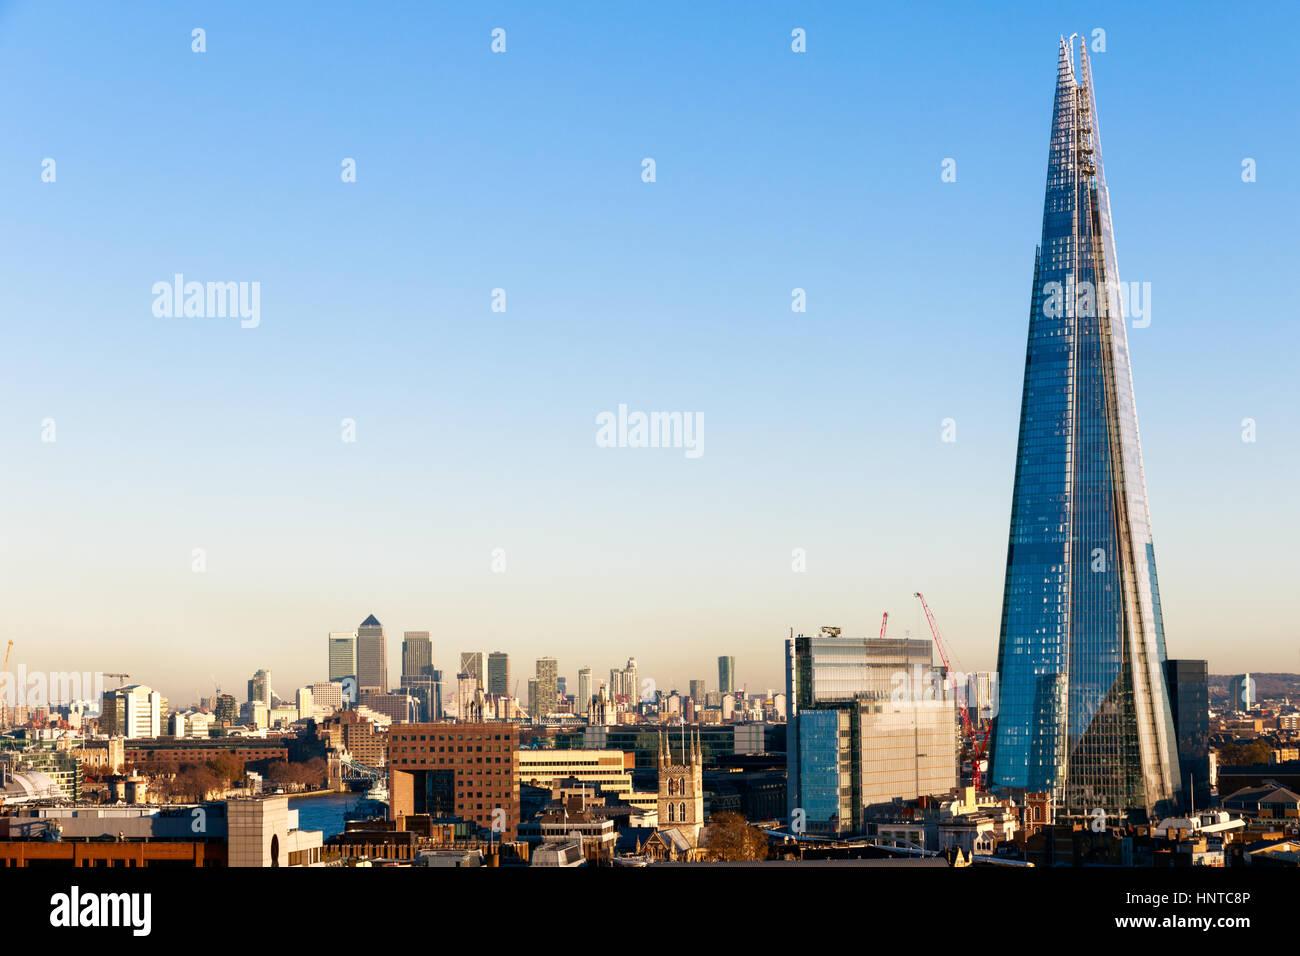 Paysage urbain du quartier financier de Londres, y compris Canary Wharf et le Fragment contre un ciel sans nuage Photo Stock